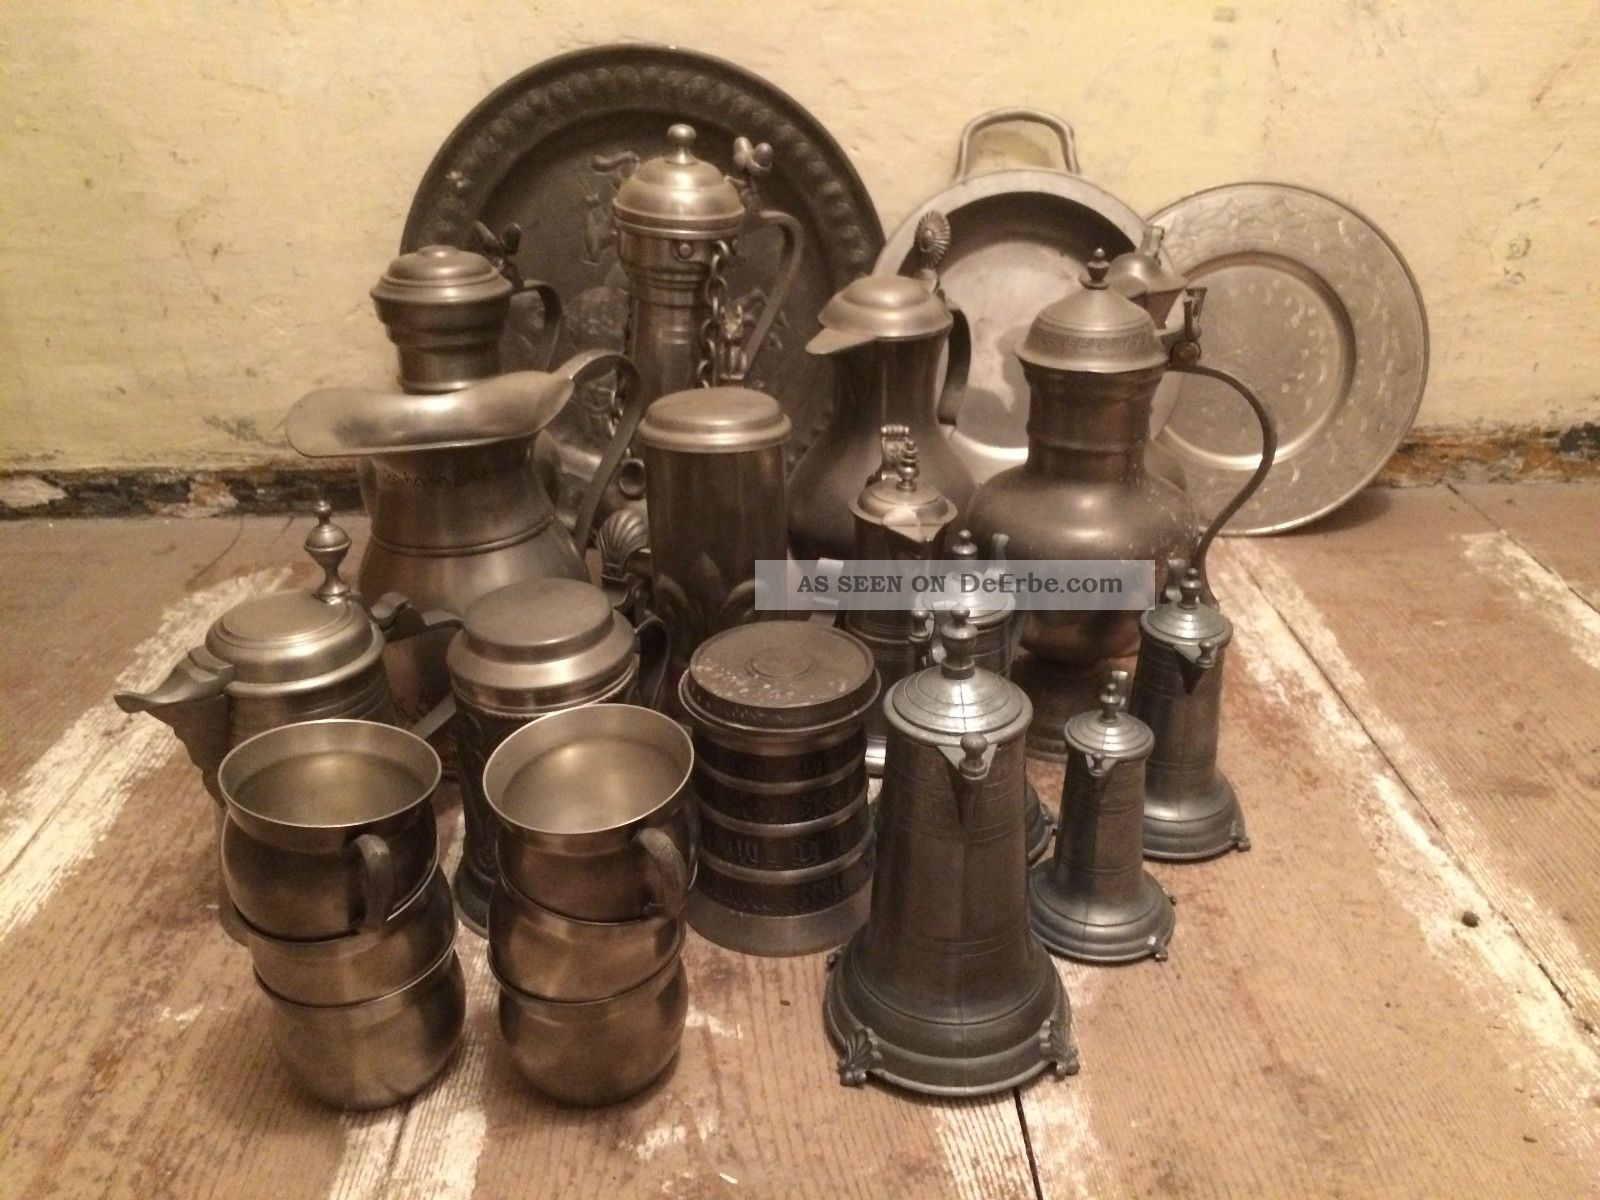 Alte Sachen Aus Zinn 1900 - 2000 - 15kg